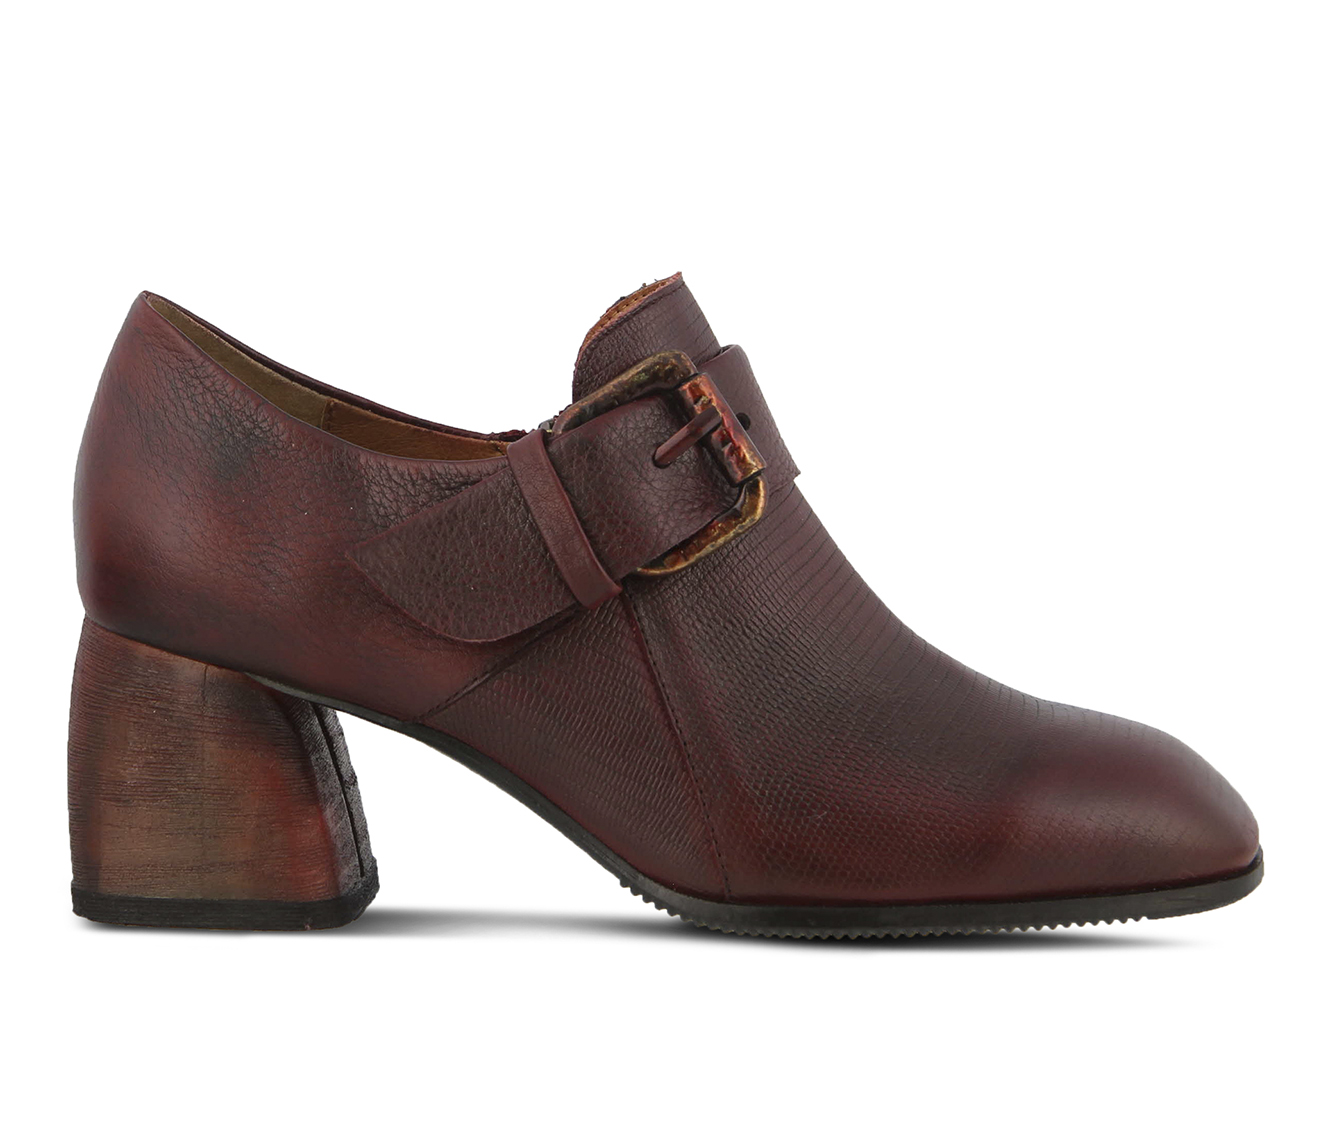 L'Artiste Mercedez Women's Dress Shoe (Red Leather)